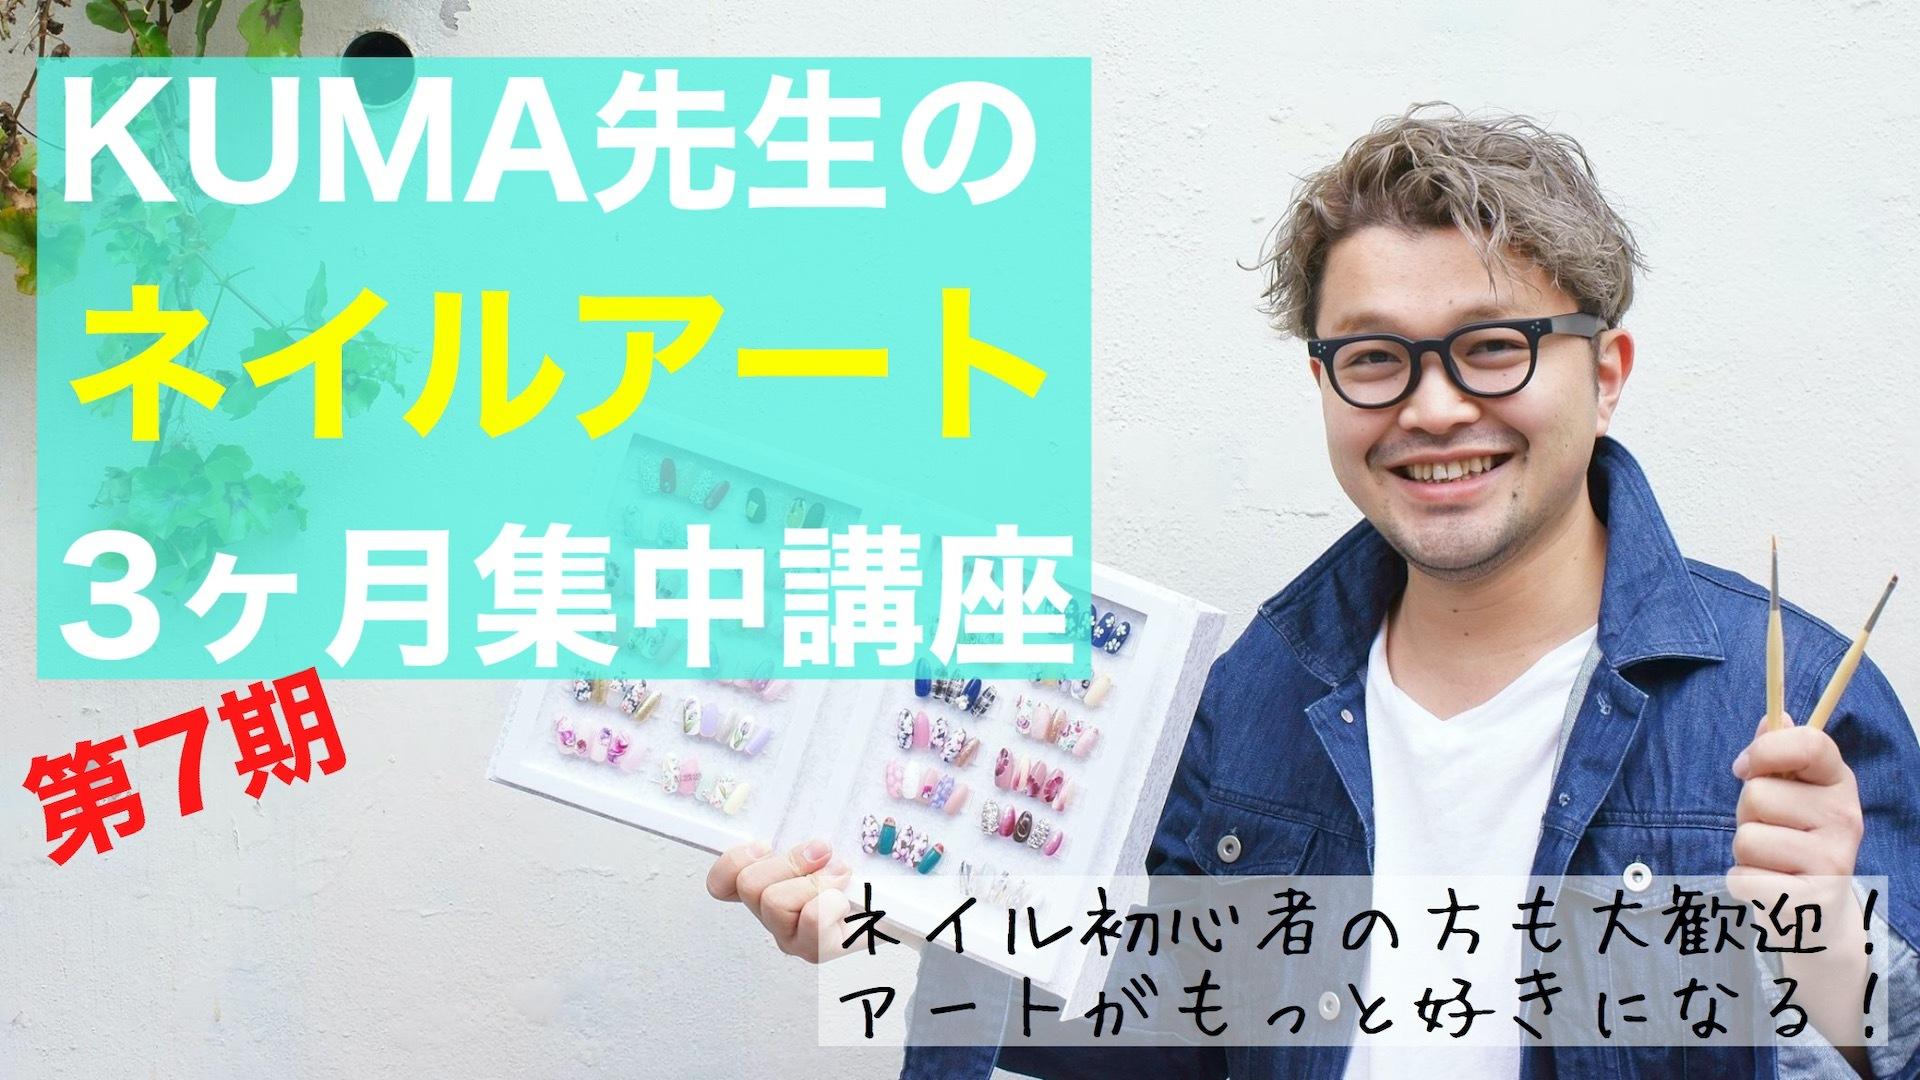 【第7期】KUMA先生のネイルアート3ヶ月集中講座